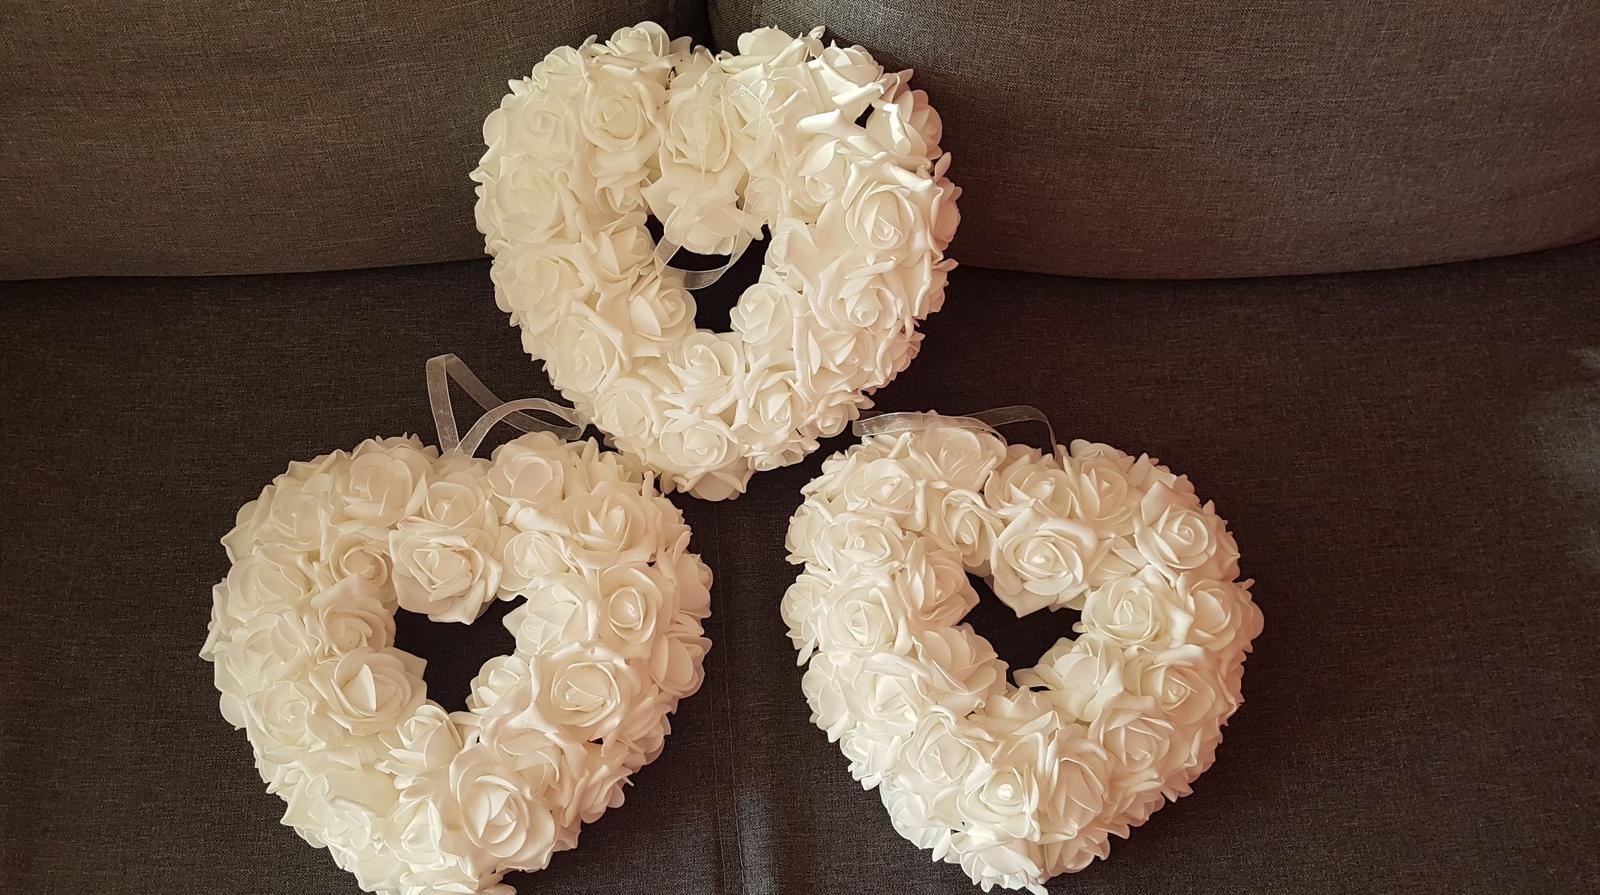 Dekorační srdce bílé růže - Obrázek č. 1